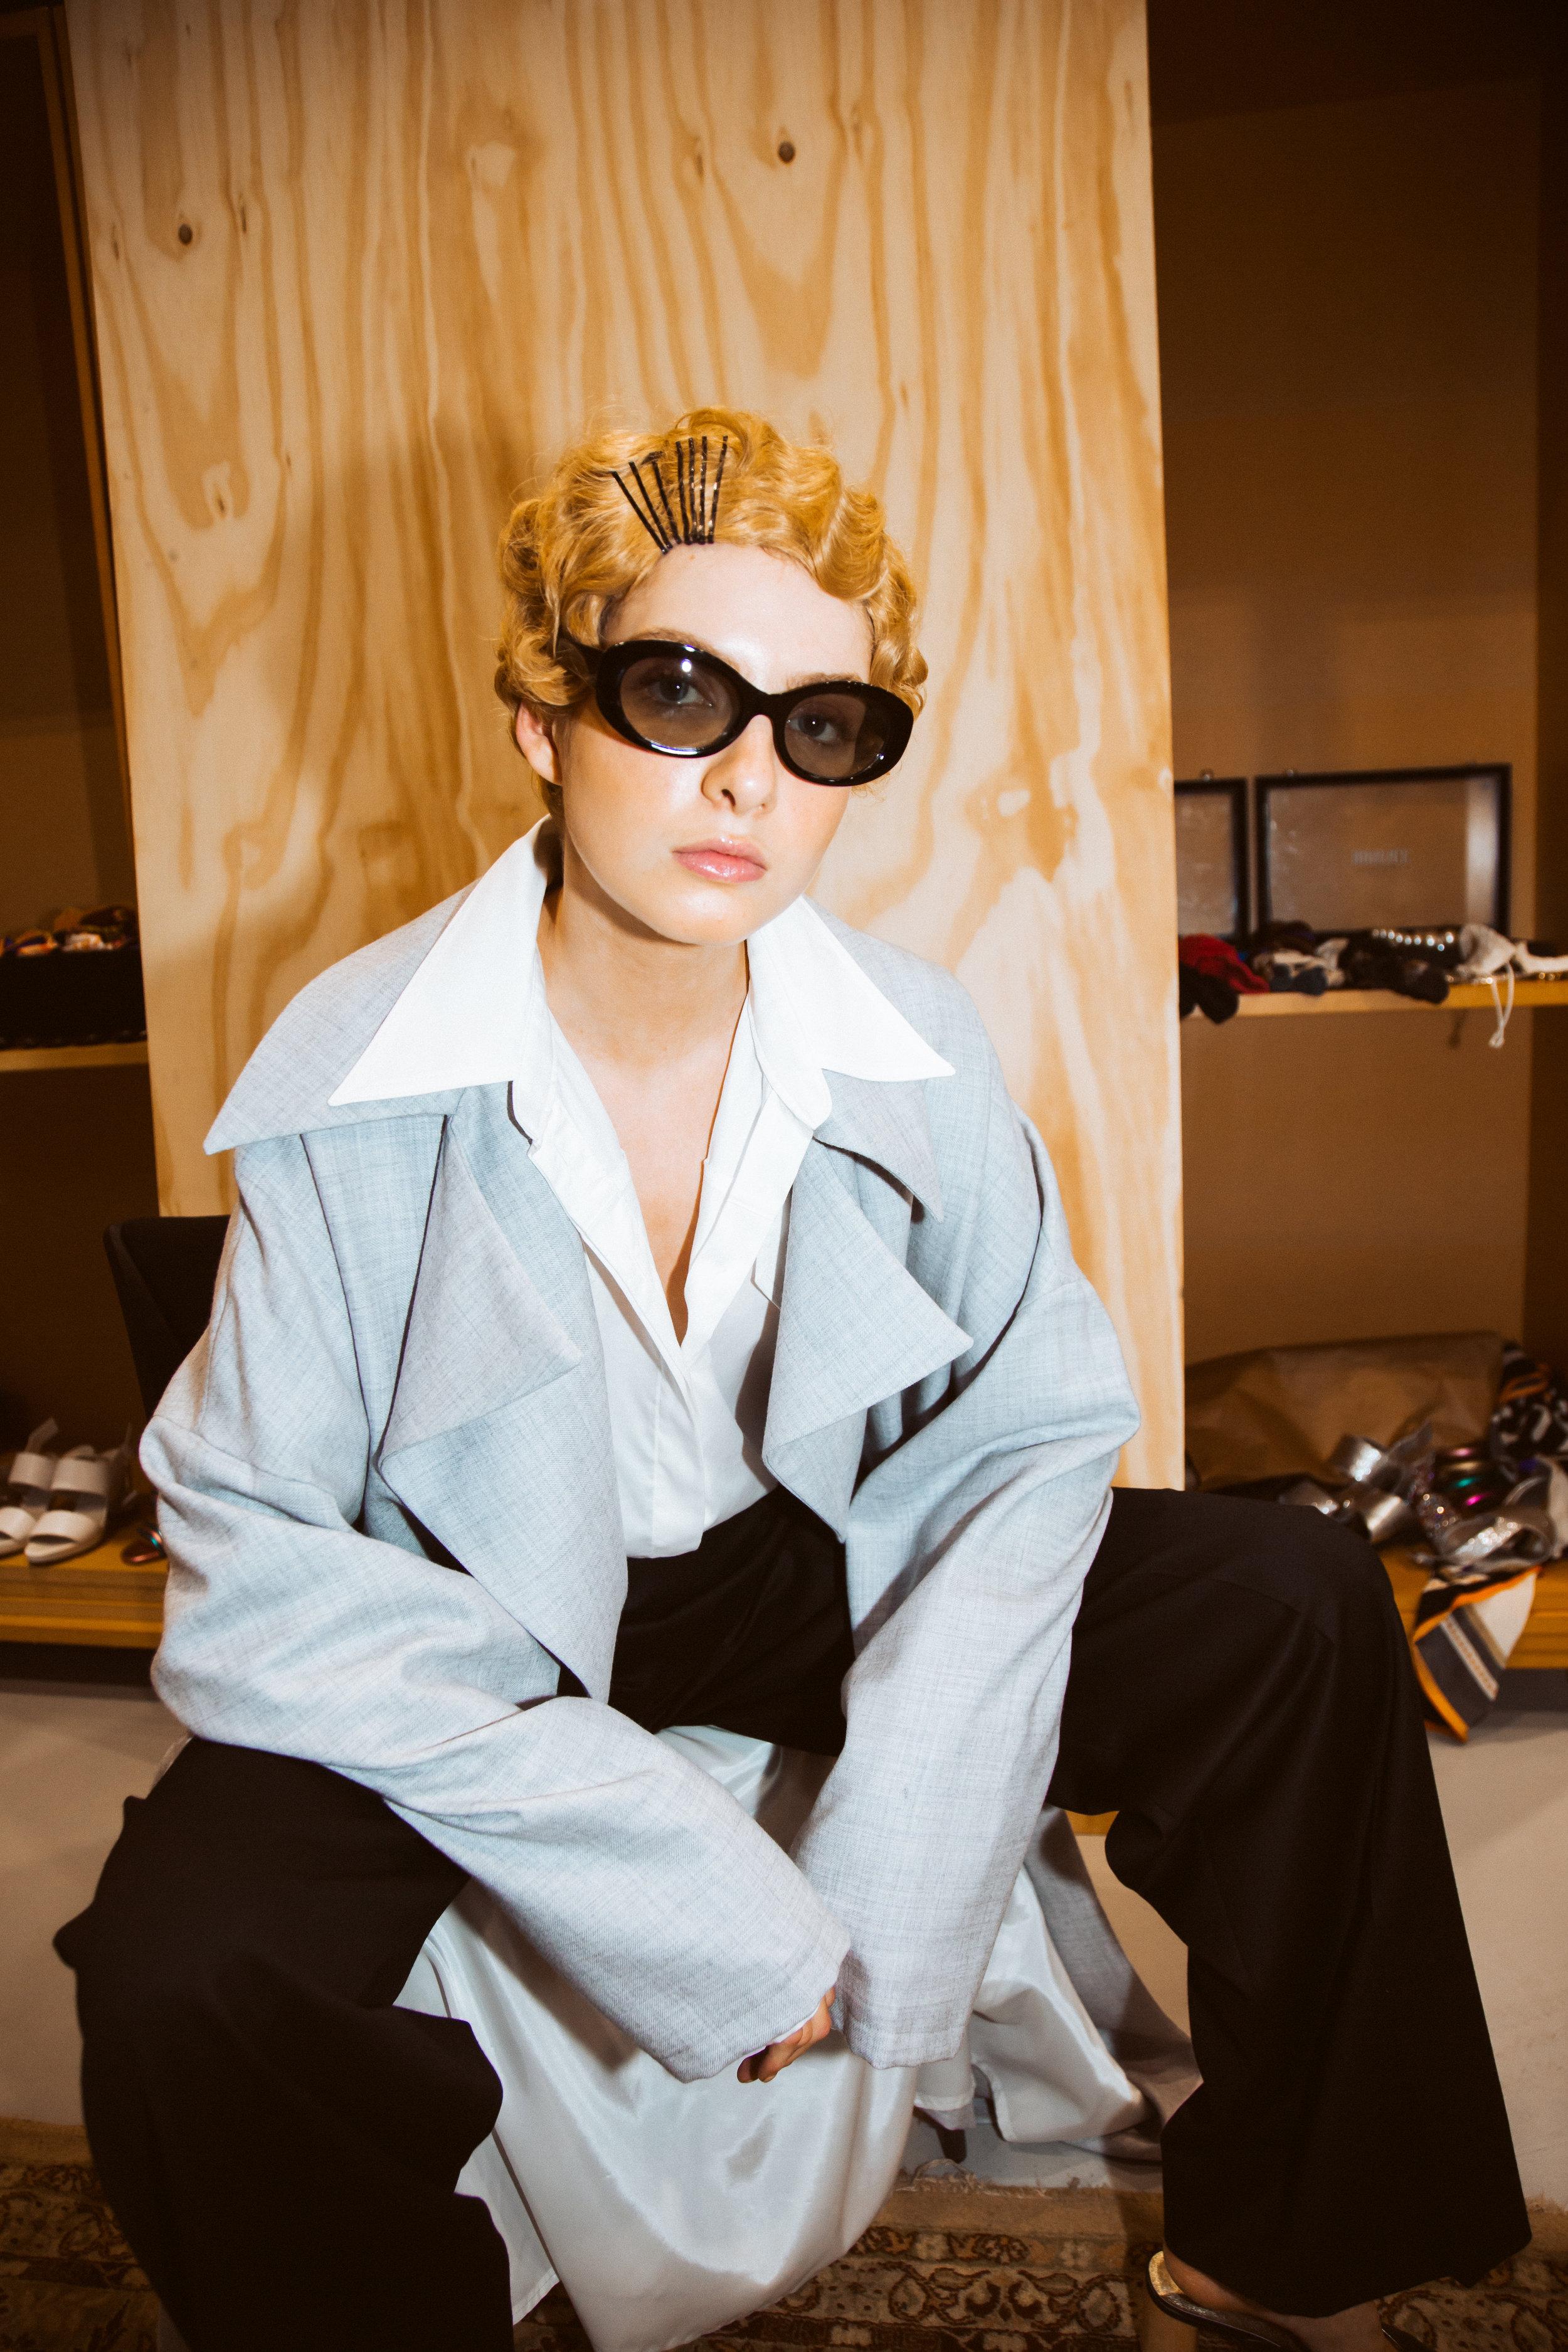 AUT student Diane Kwak, 62 Model Kizzie Amoore, Le Specs Eyewear.jpg